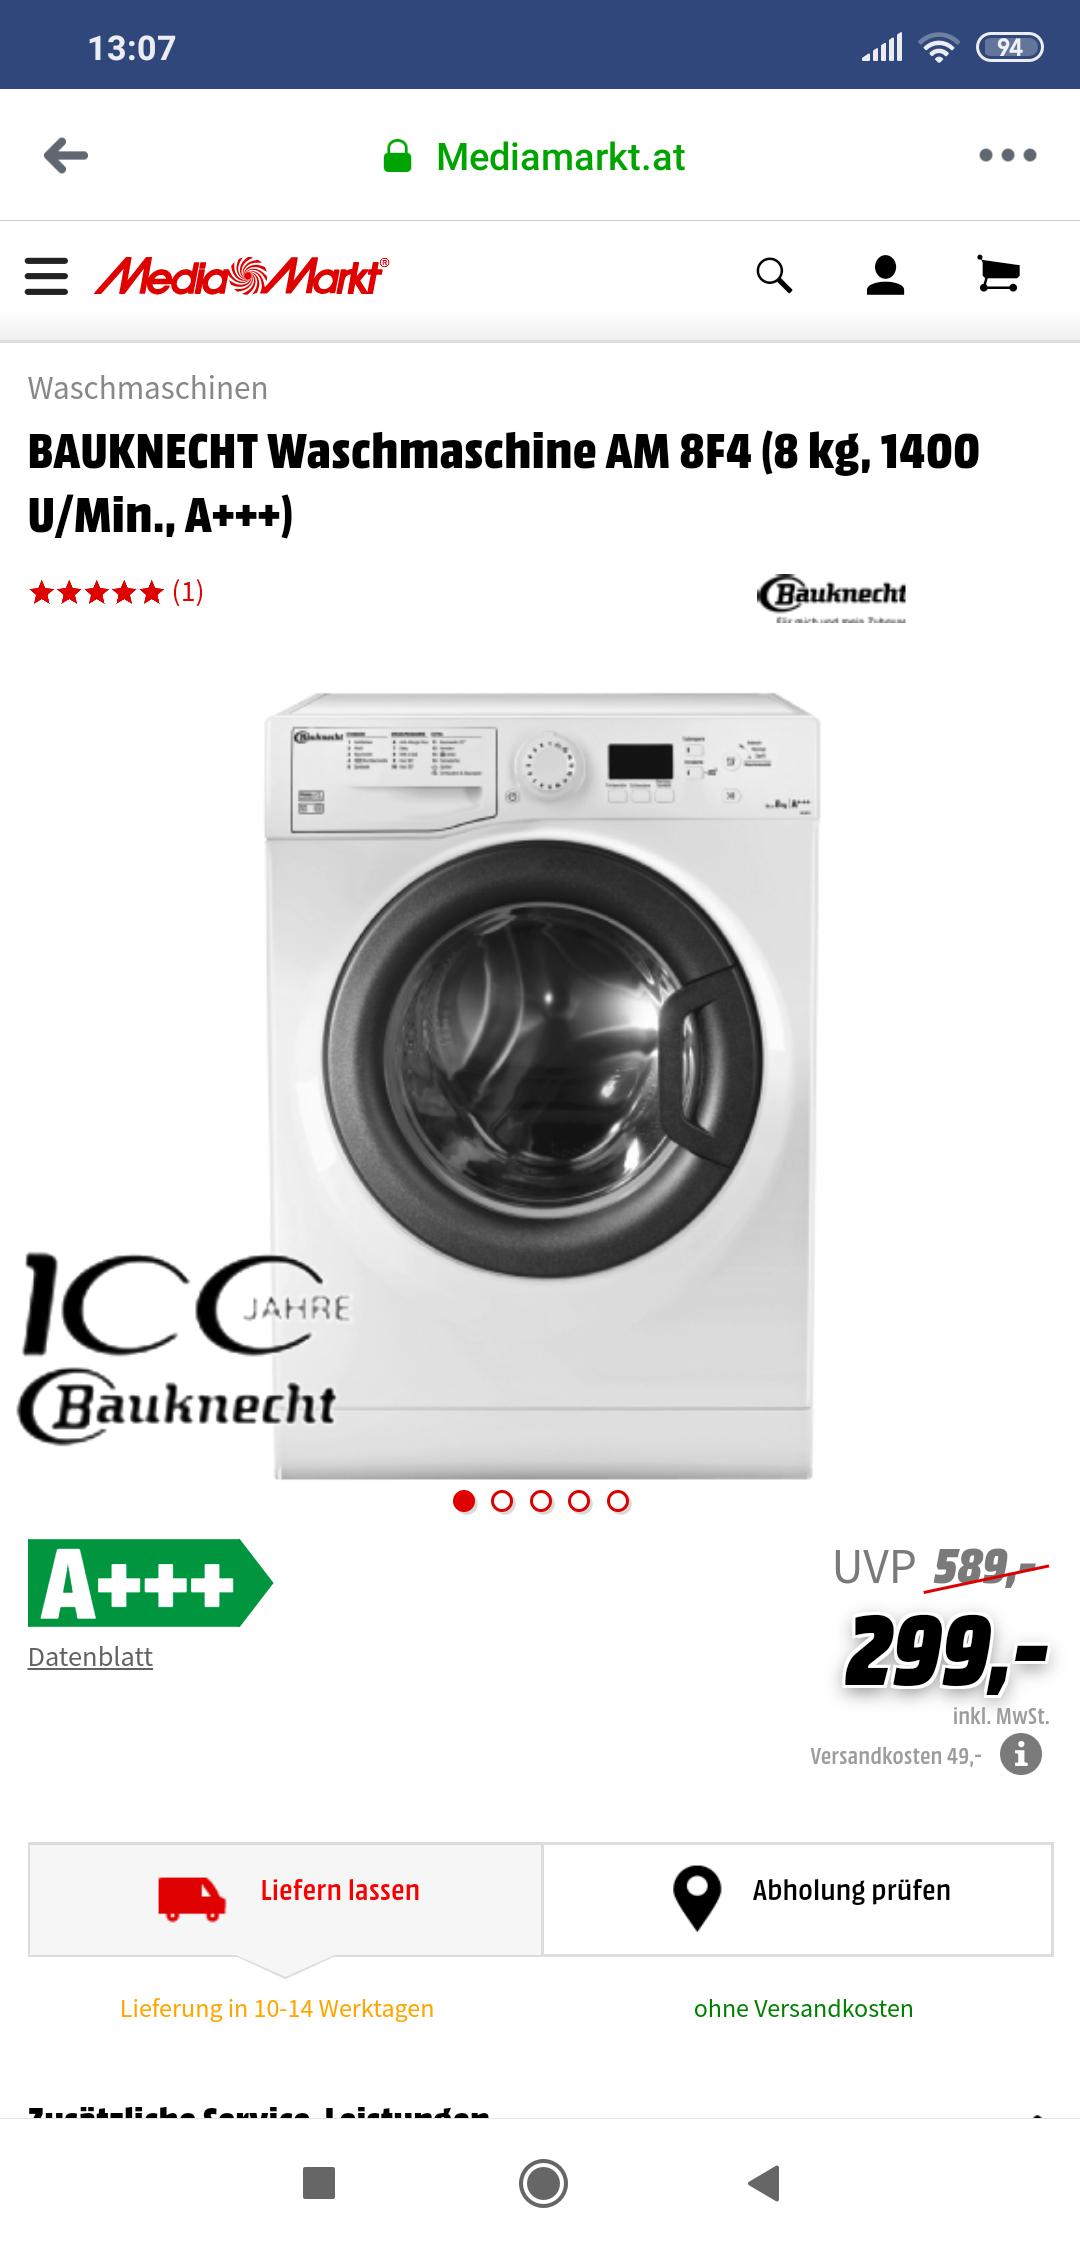 Bauknecht Waschmaschine AM 8F4